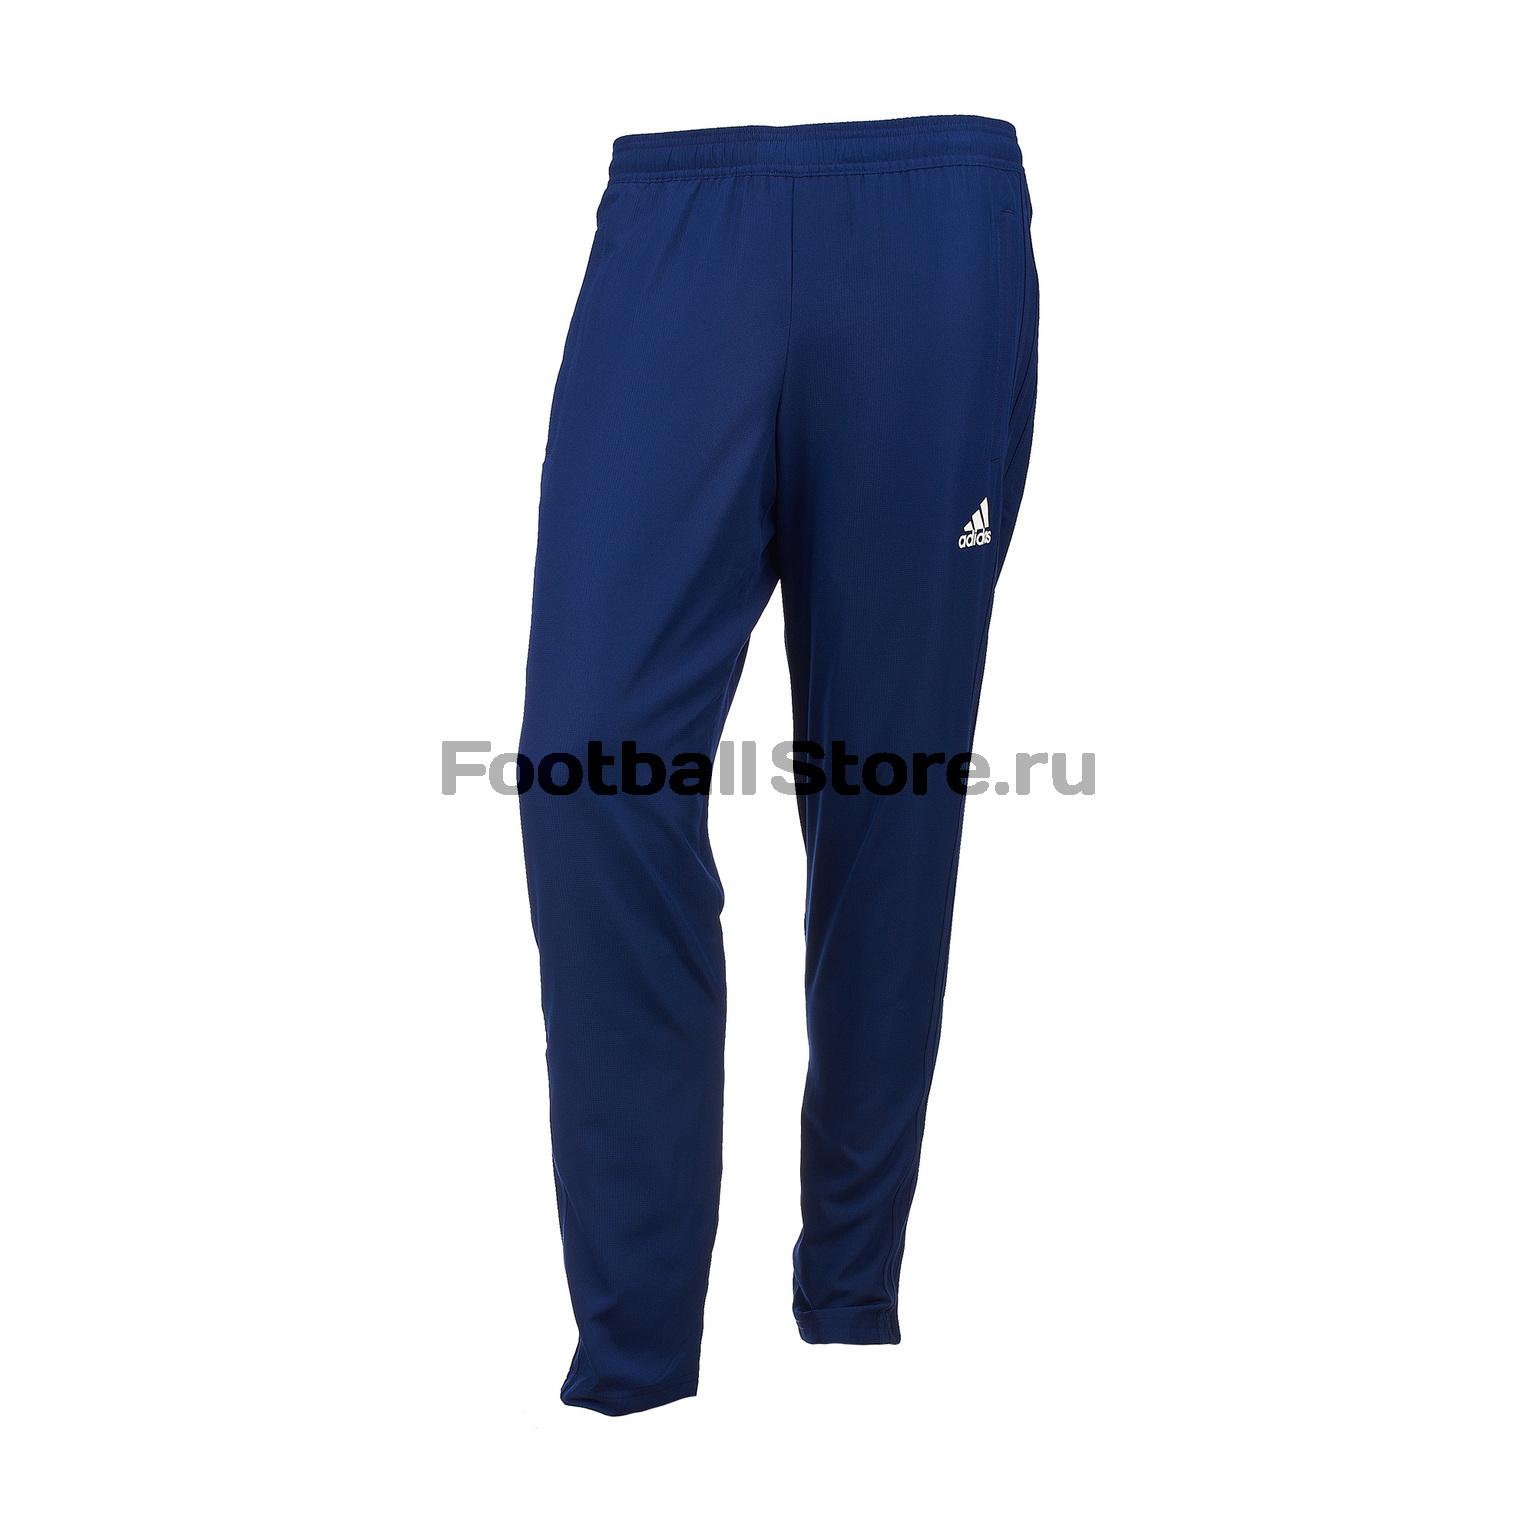 Брюки тренировочные Adidas Con18 Wov Pnt CV8253 брюки adidas con16 trg pnt ab3131